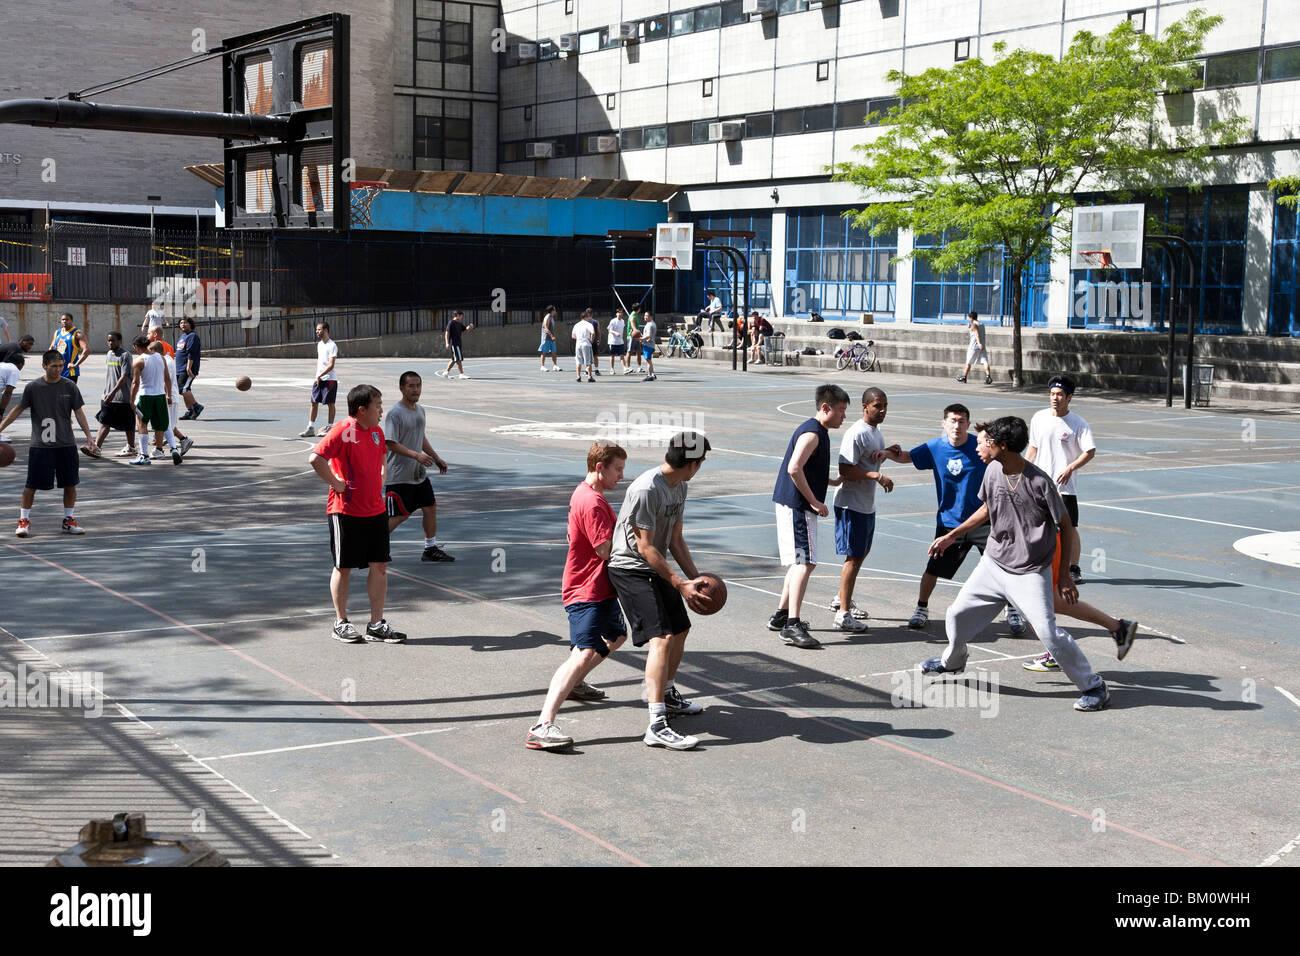 Juego de baloncesto de la calle multiétnica en curso en sol de primavera en el patio de la escuela secundaria Imagen De Stock